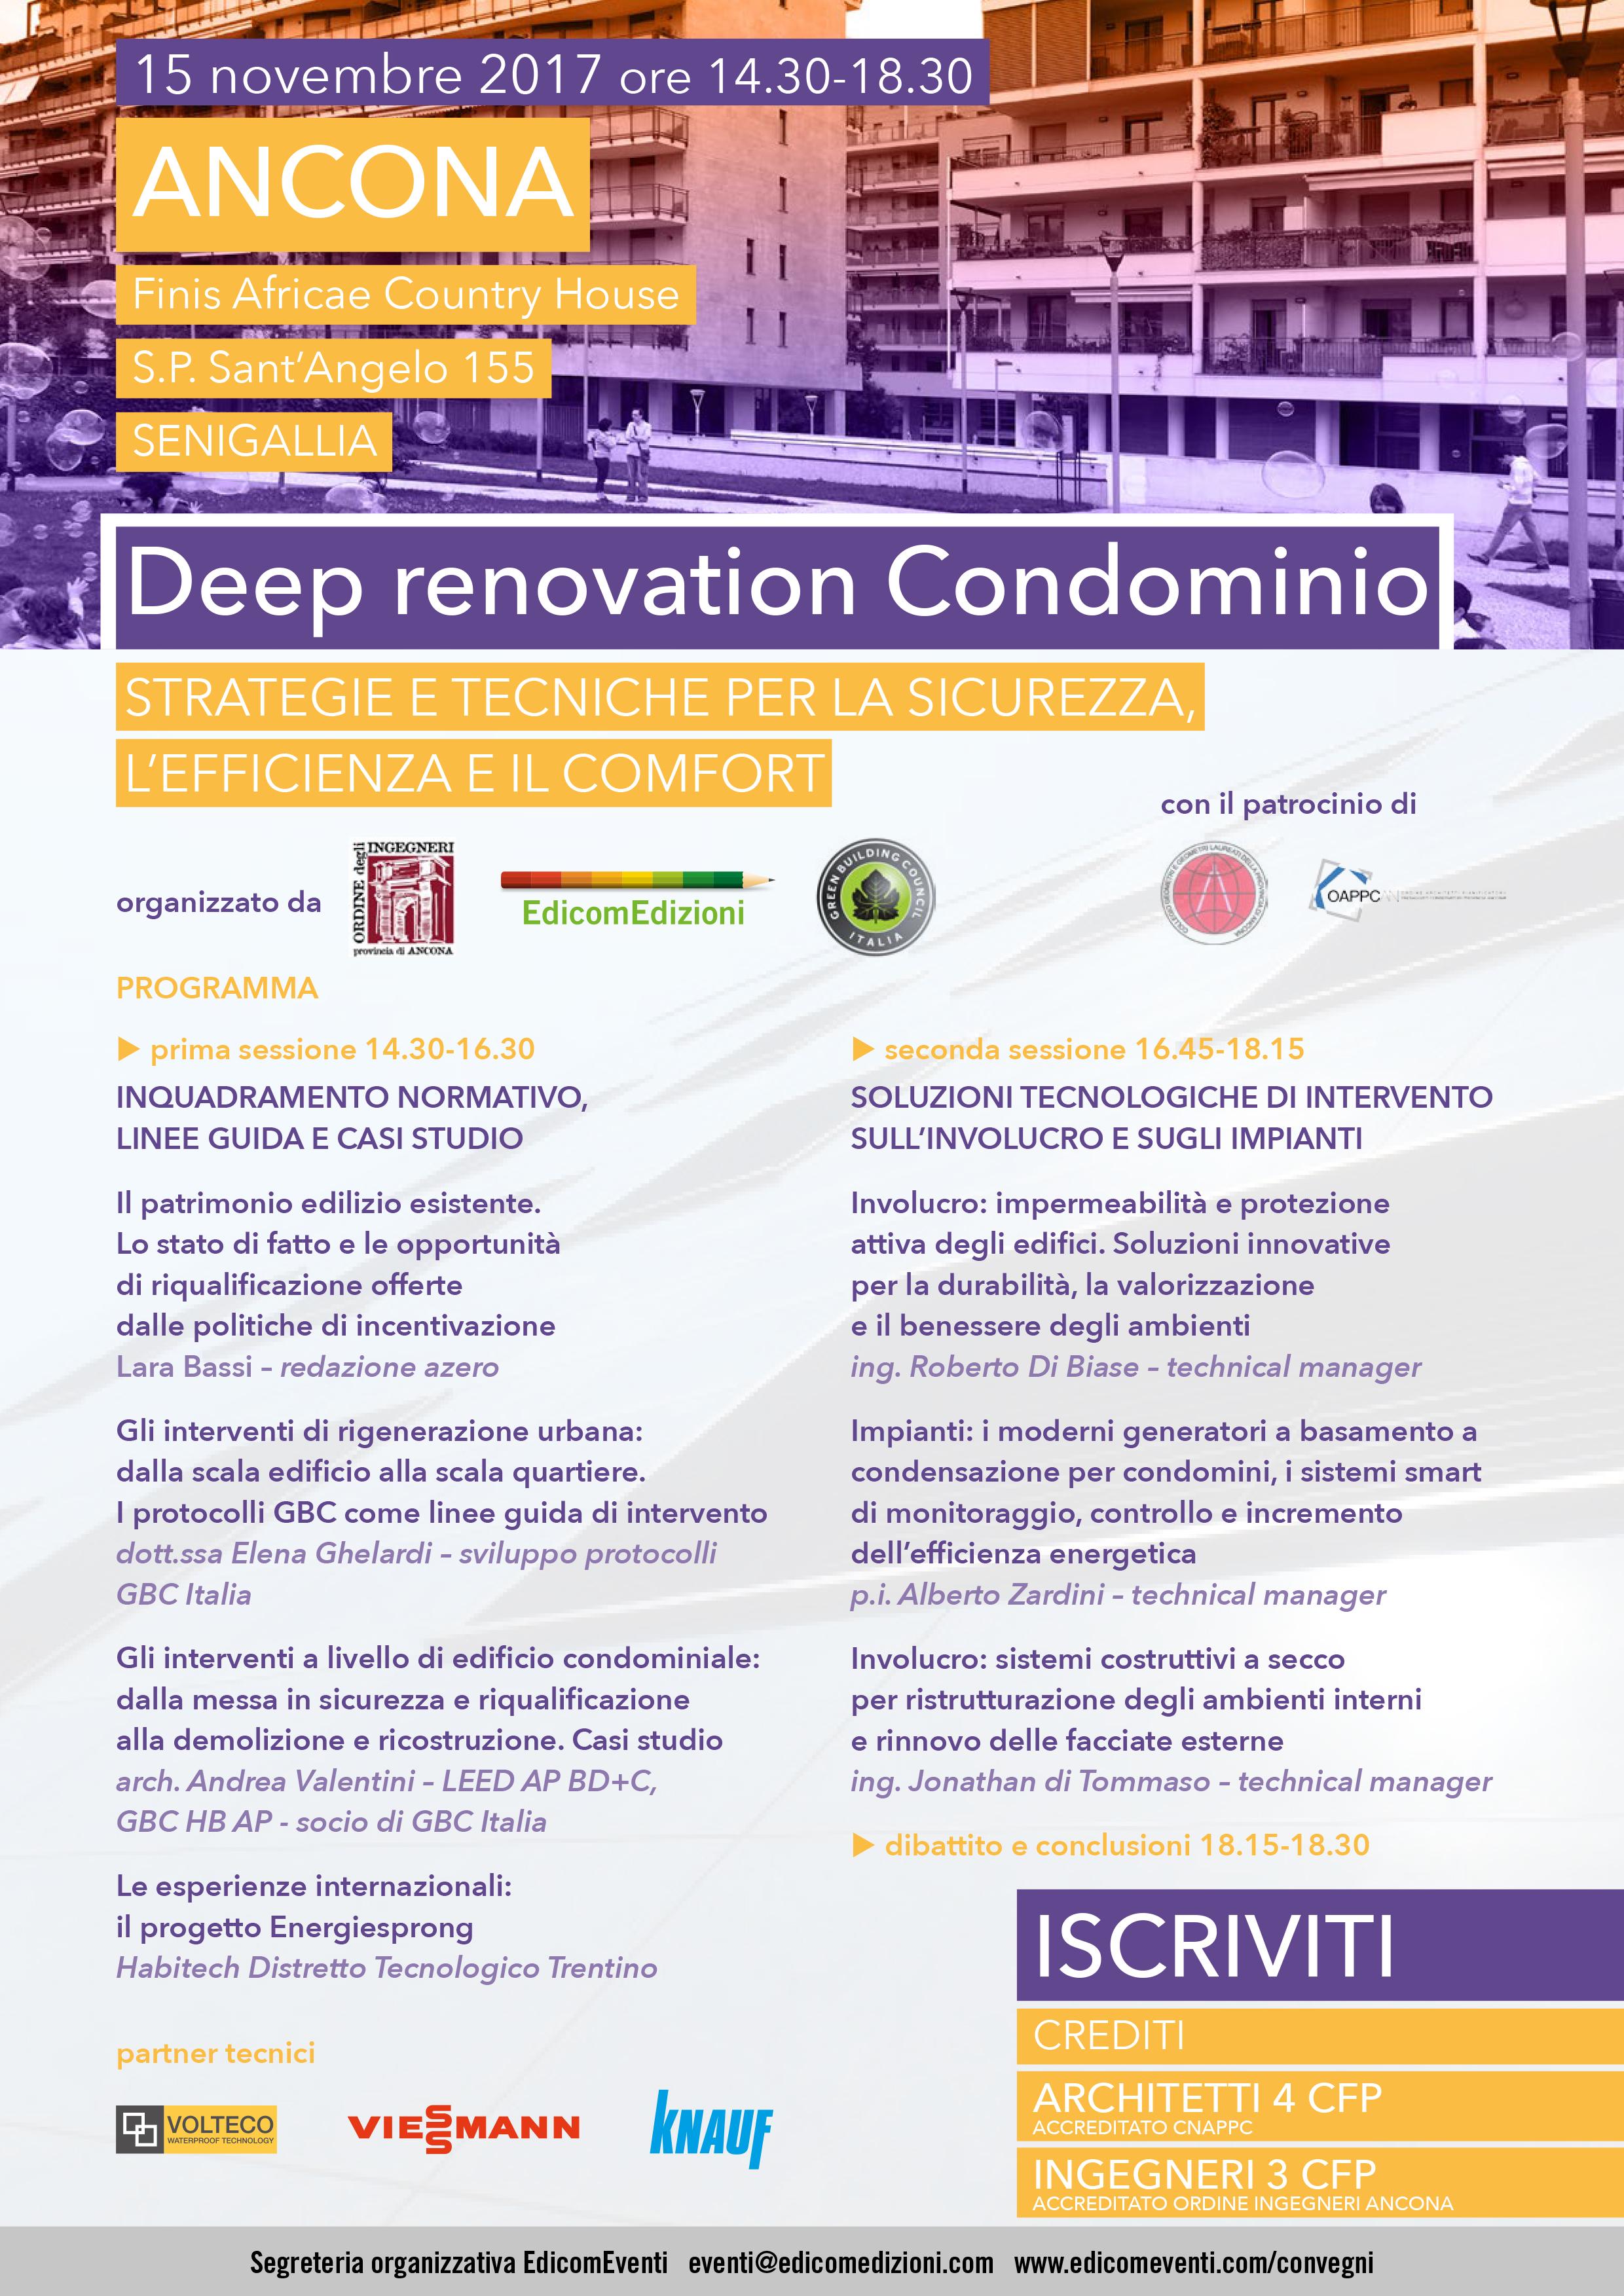 Ancona-15-novembre-2017-completo